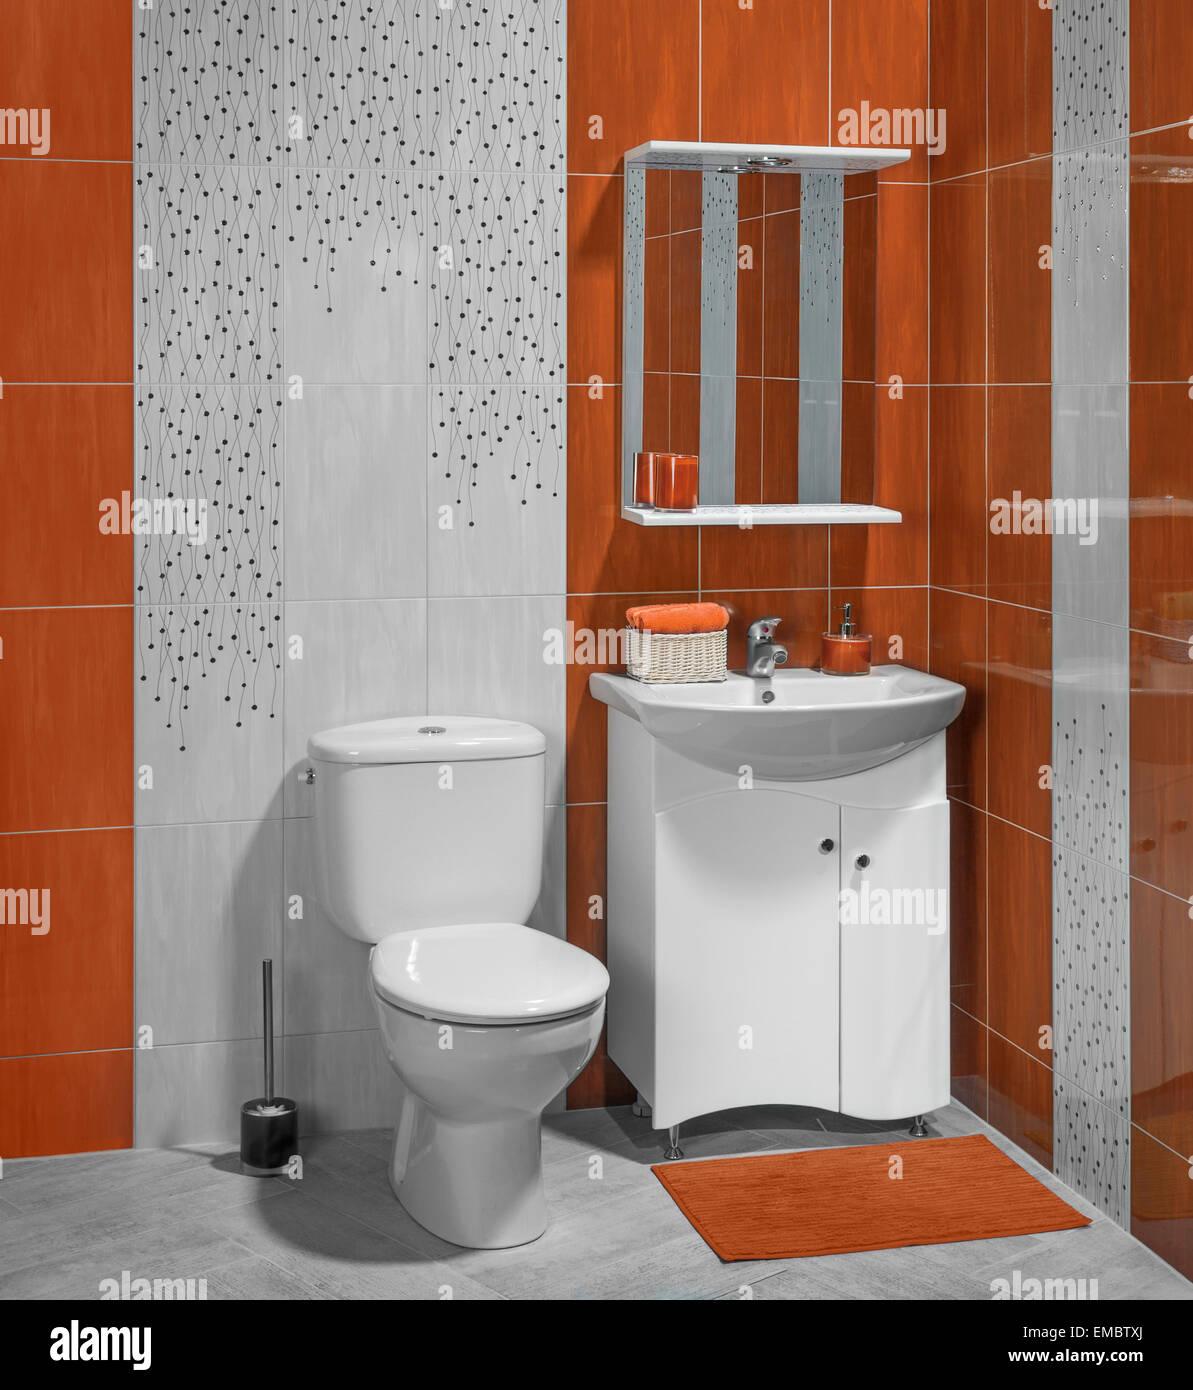 Piastrelle Arancioni Per Bagno splendidi interni di bagno con lavandino e wc; decorata con